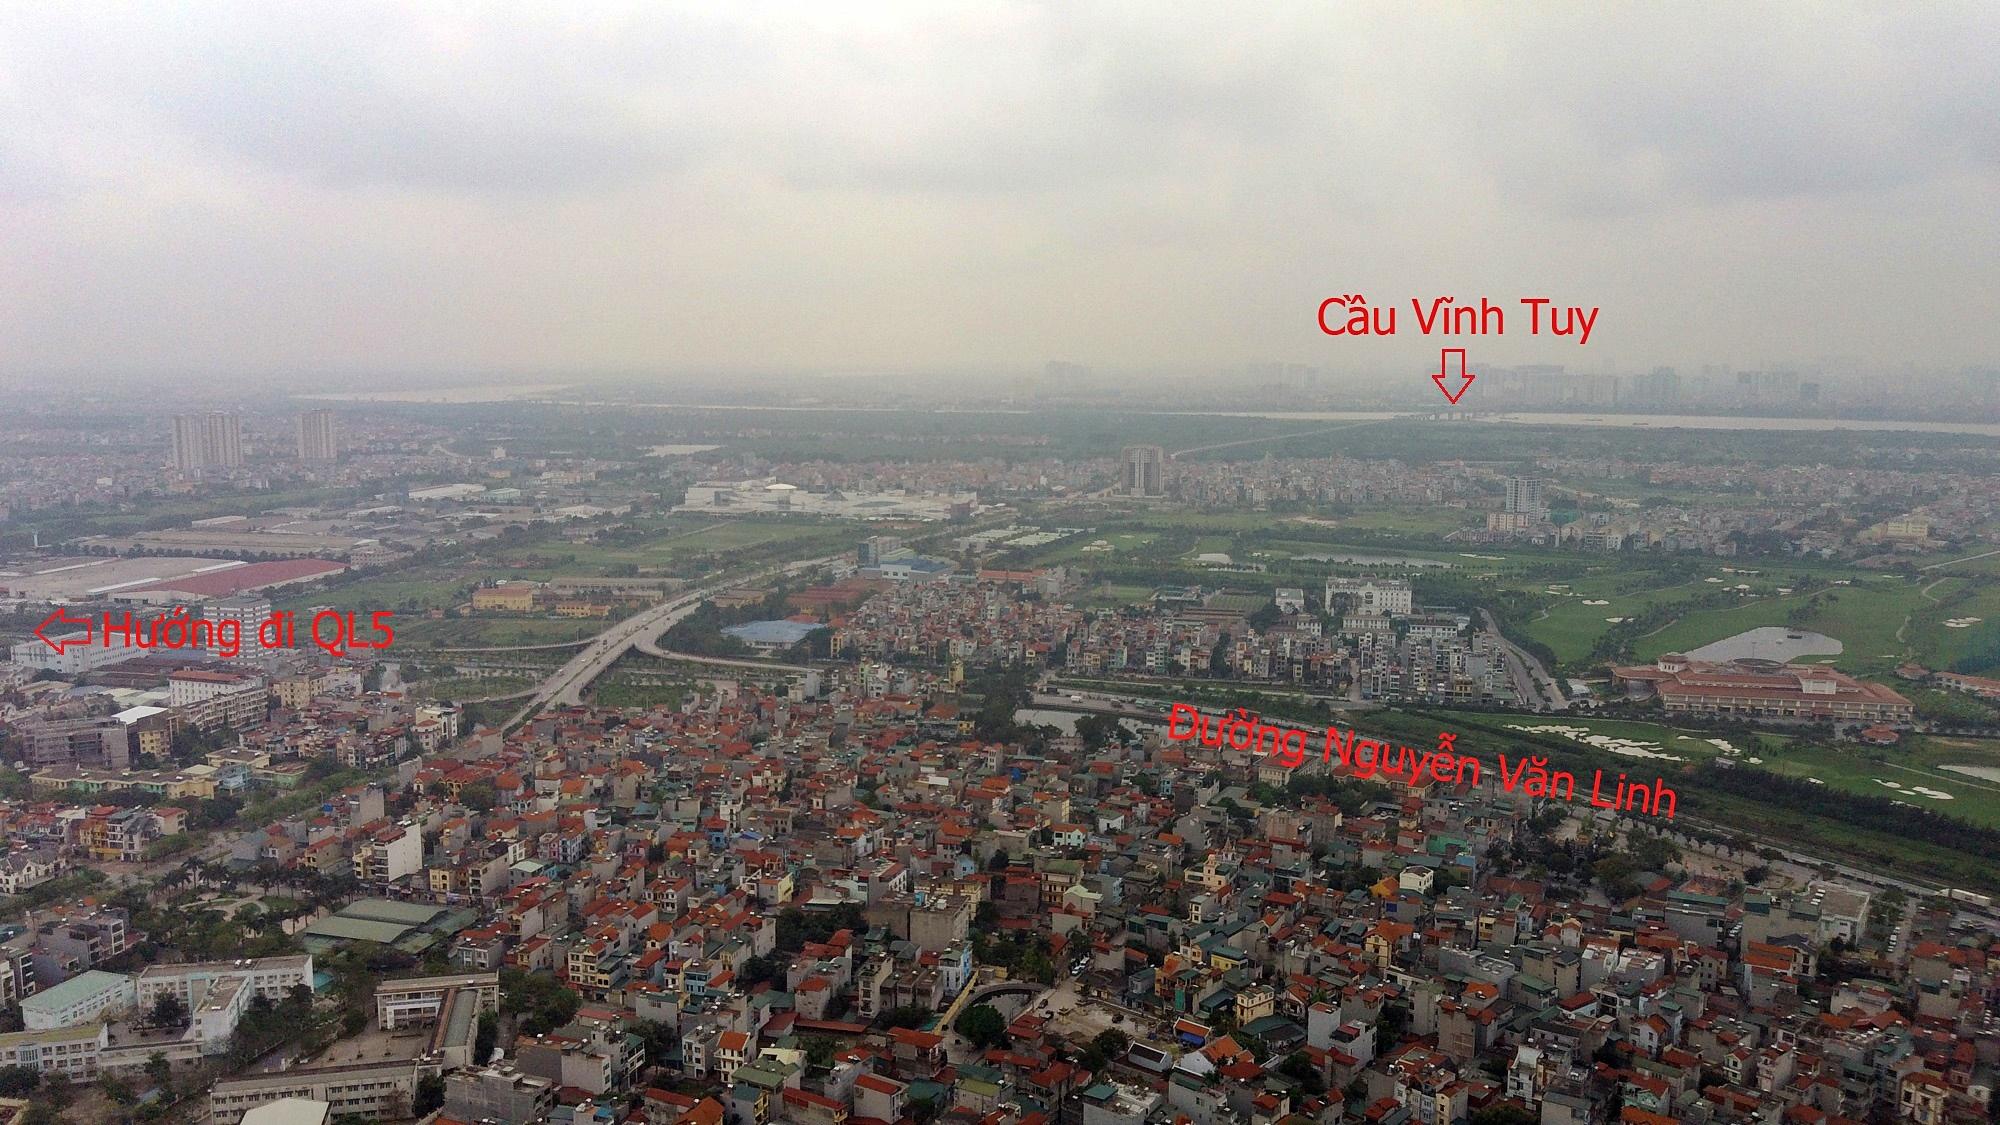 Cầu sẽ mở theo qui hoạch ở Hà Nội: Toành cảnh vị trí làm cầu Giang Biên - Ảnh 10.